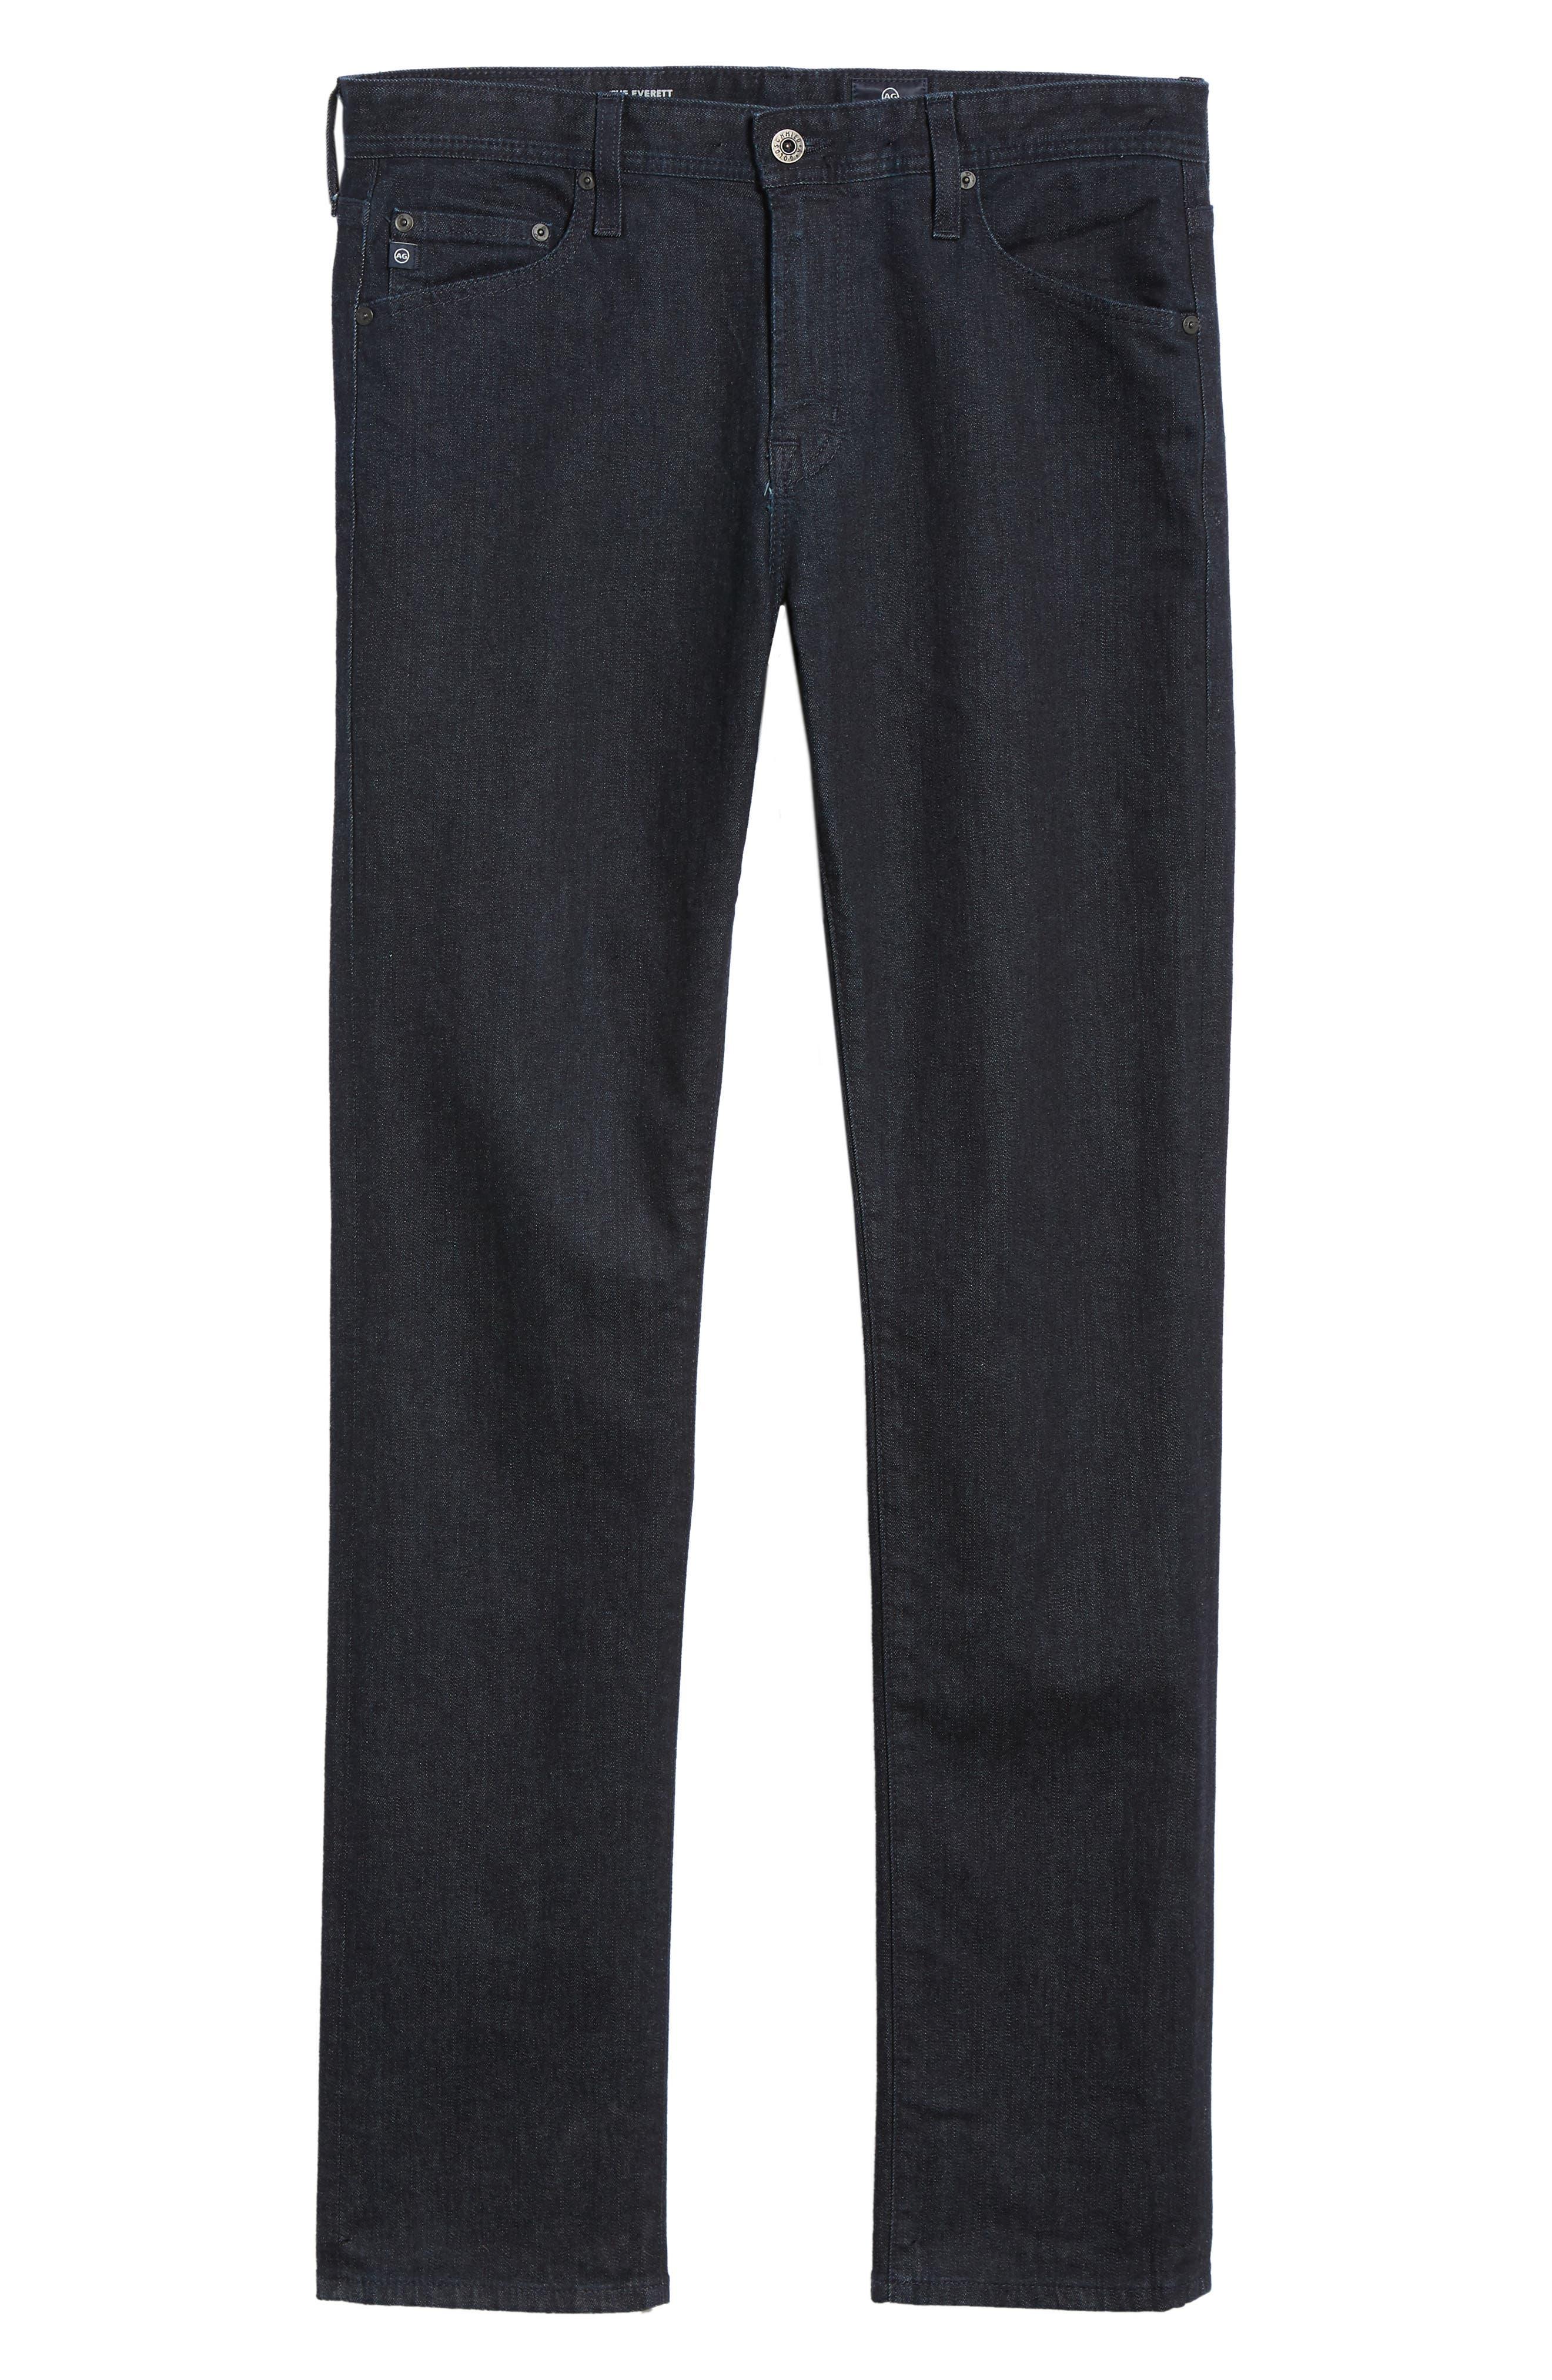 Everett Slim Straight Leg Jeans,                             Alternate thumbnail 6, color,                             BARNES